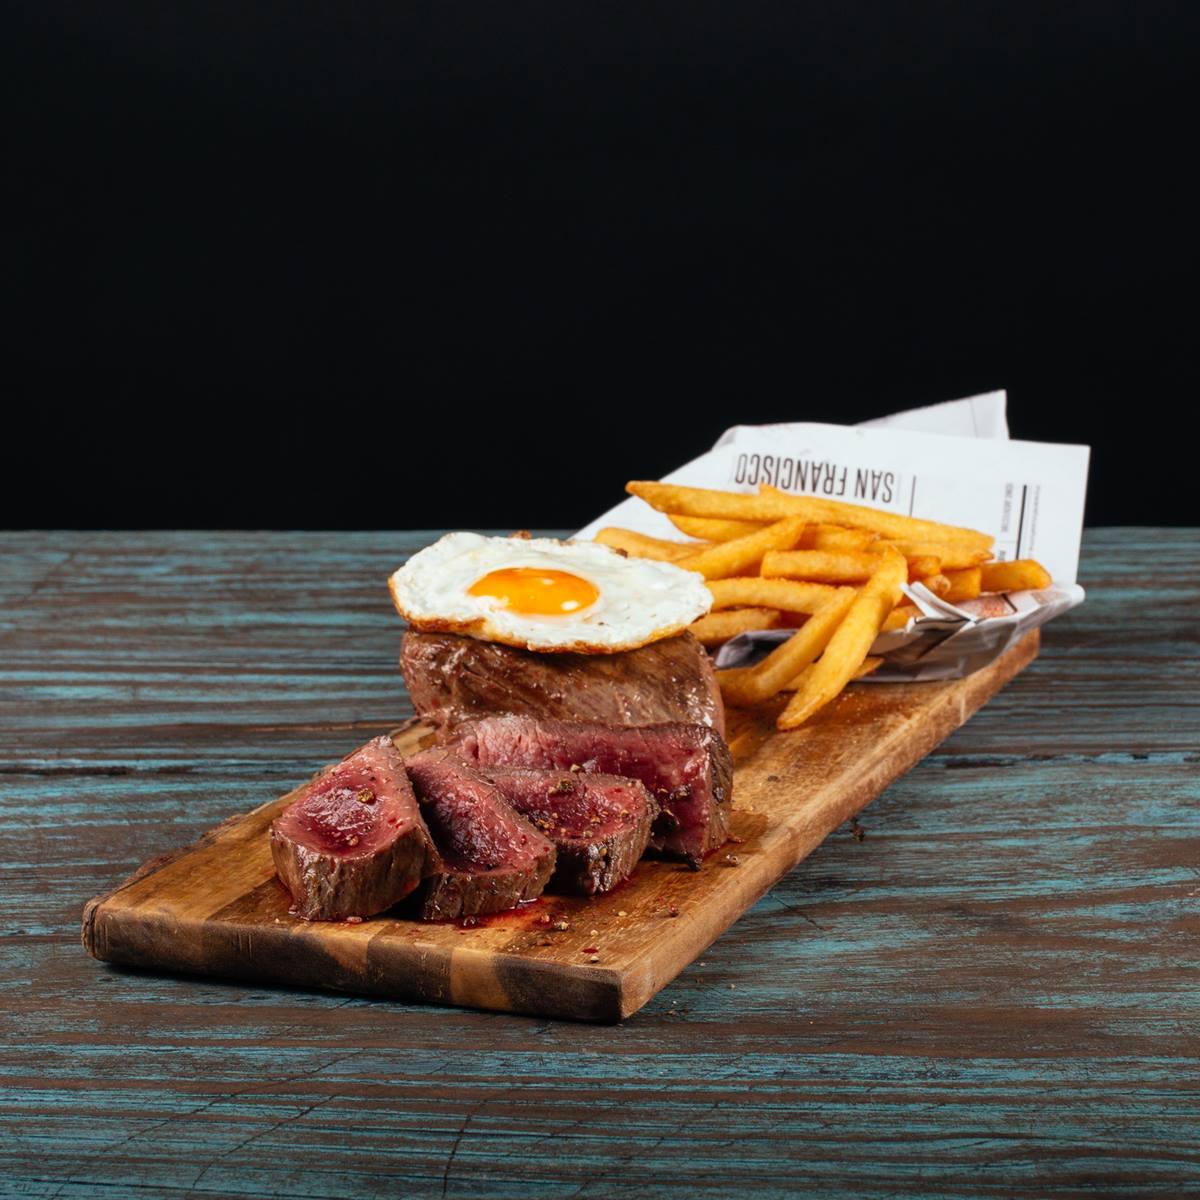 Hovädzí fillet steak s volským okom, americkými zemiakmi, BBQ omáčkou a čerstvým šalátom